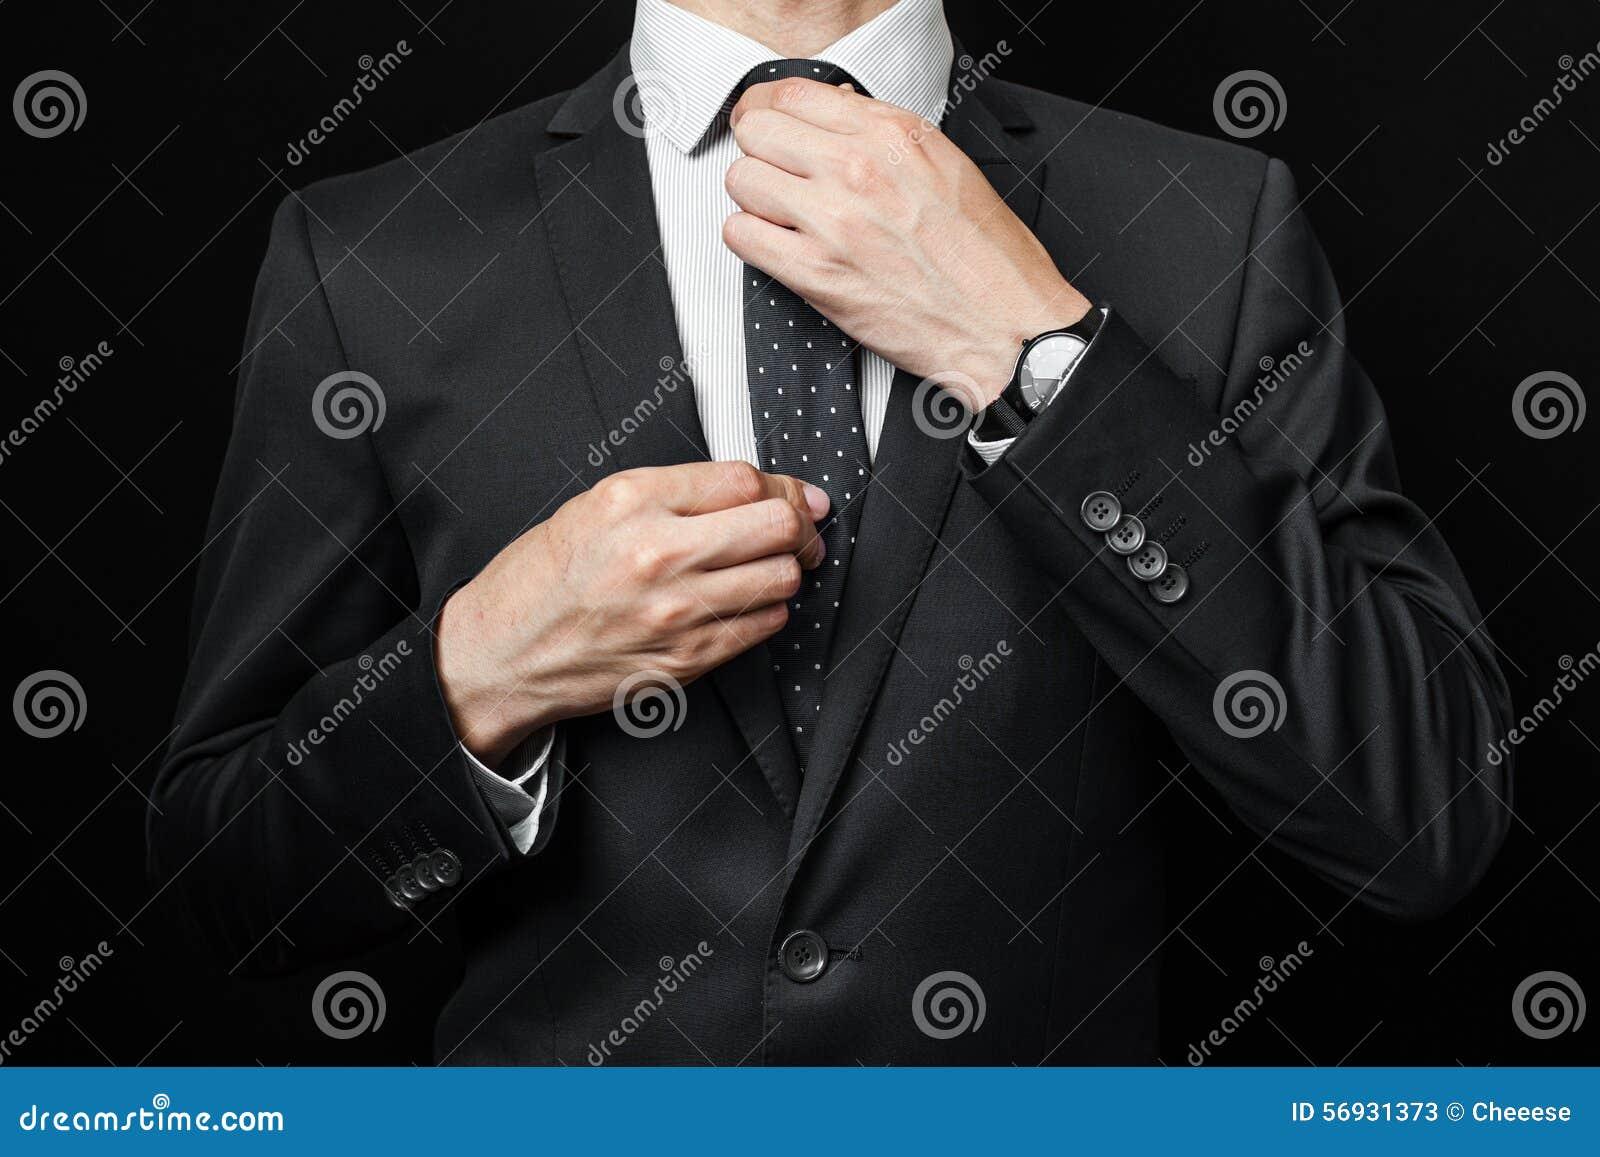 Costume Noir Un Du Image Stock Le Dans Sur Homme Fond kPiwuZOXT